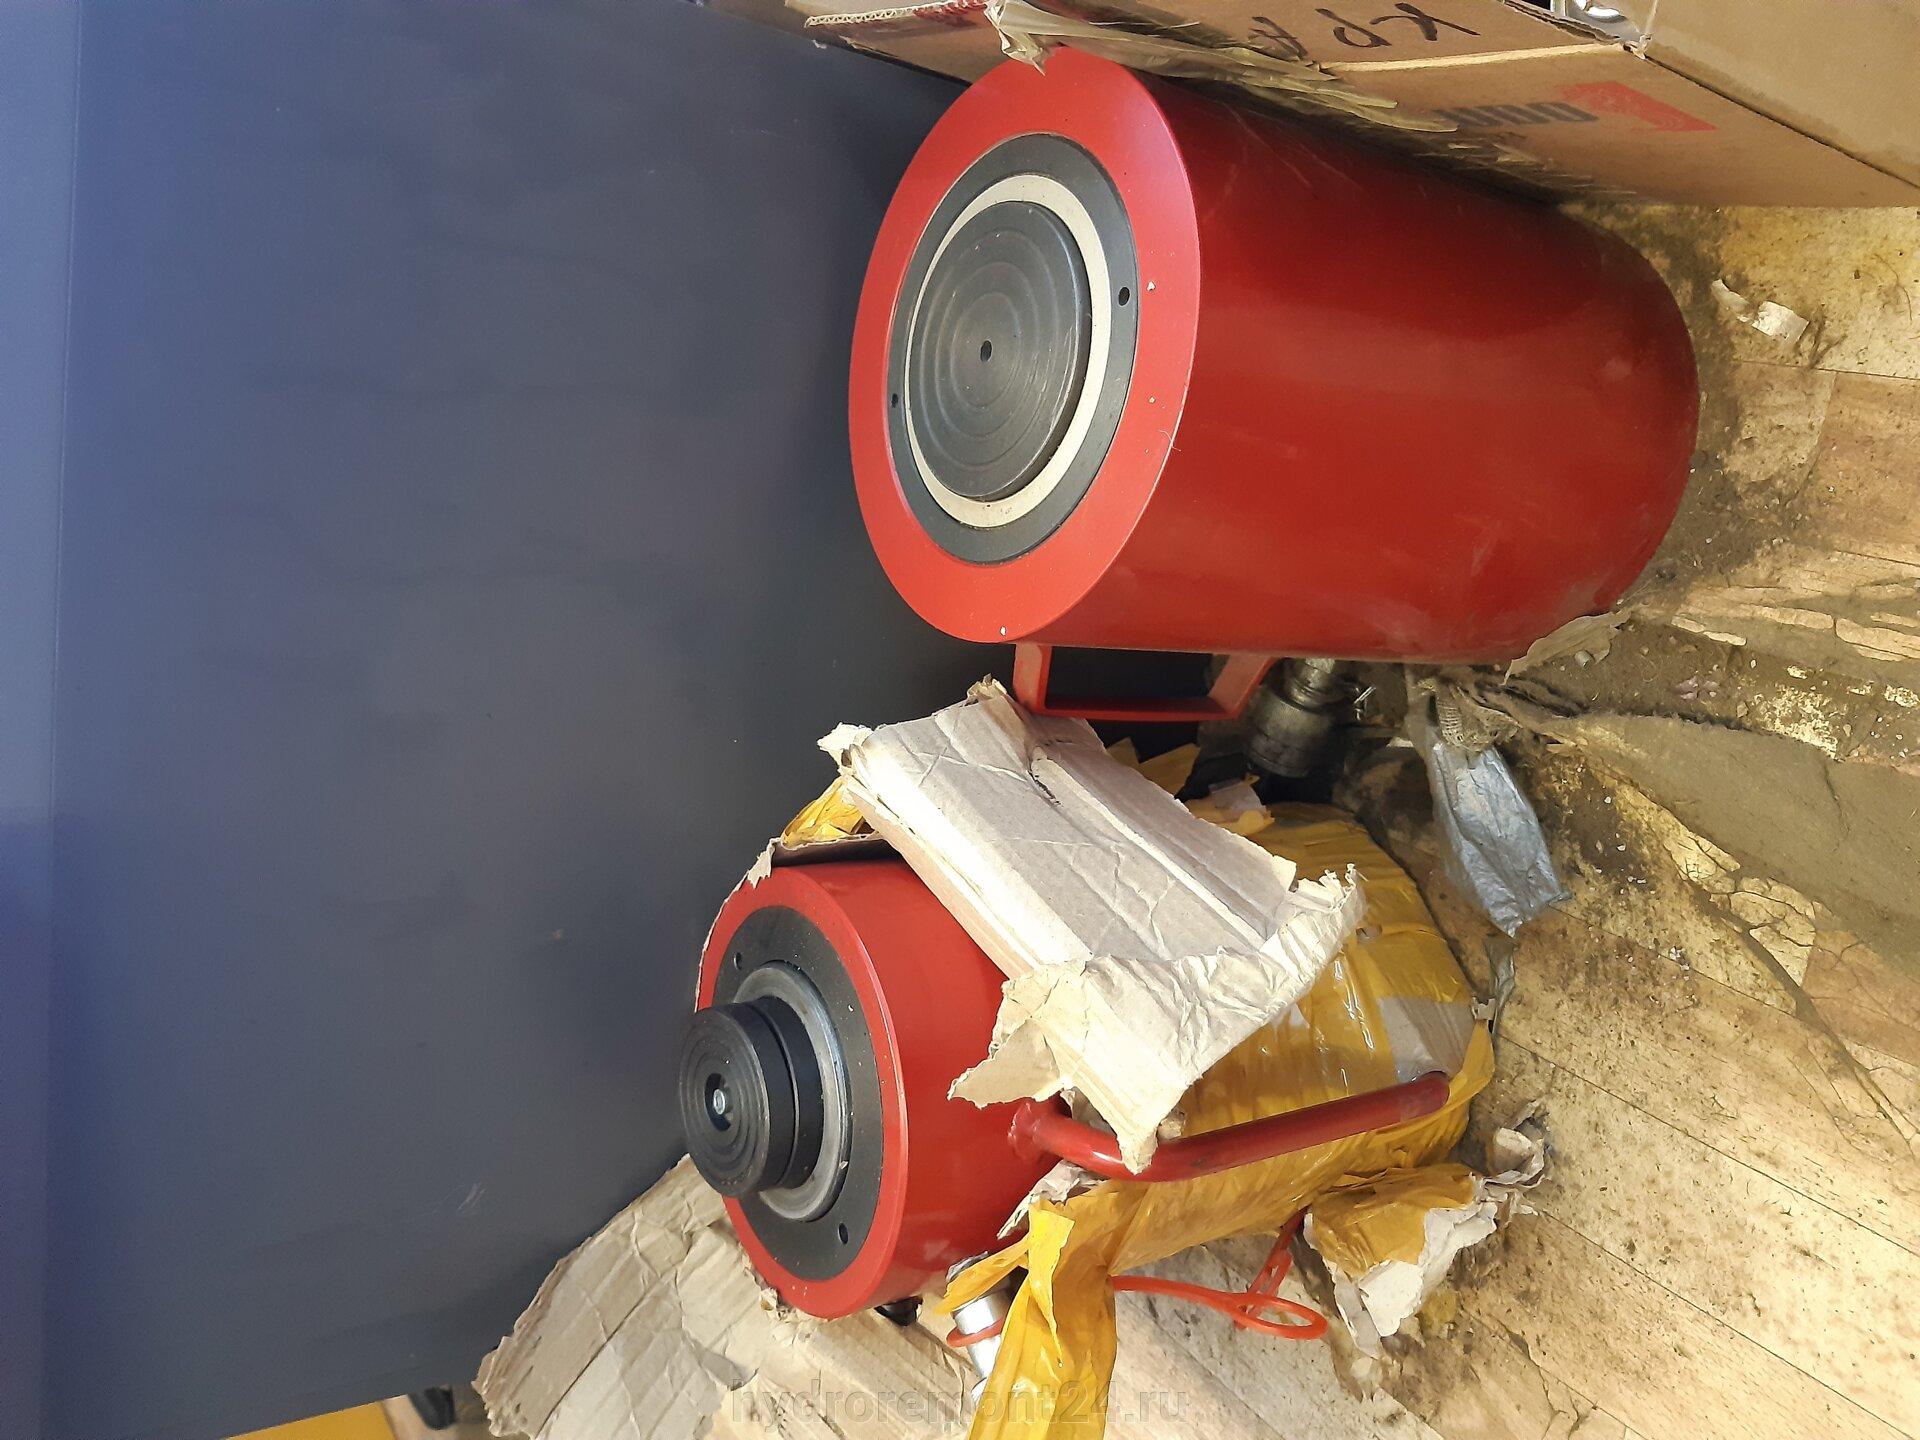 Гидравлические домкраты в аренду до 400 тонн - фото pic_2e710c7550c6f1be46f7eb45b5a58608_1920x9000_1.jpg